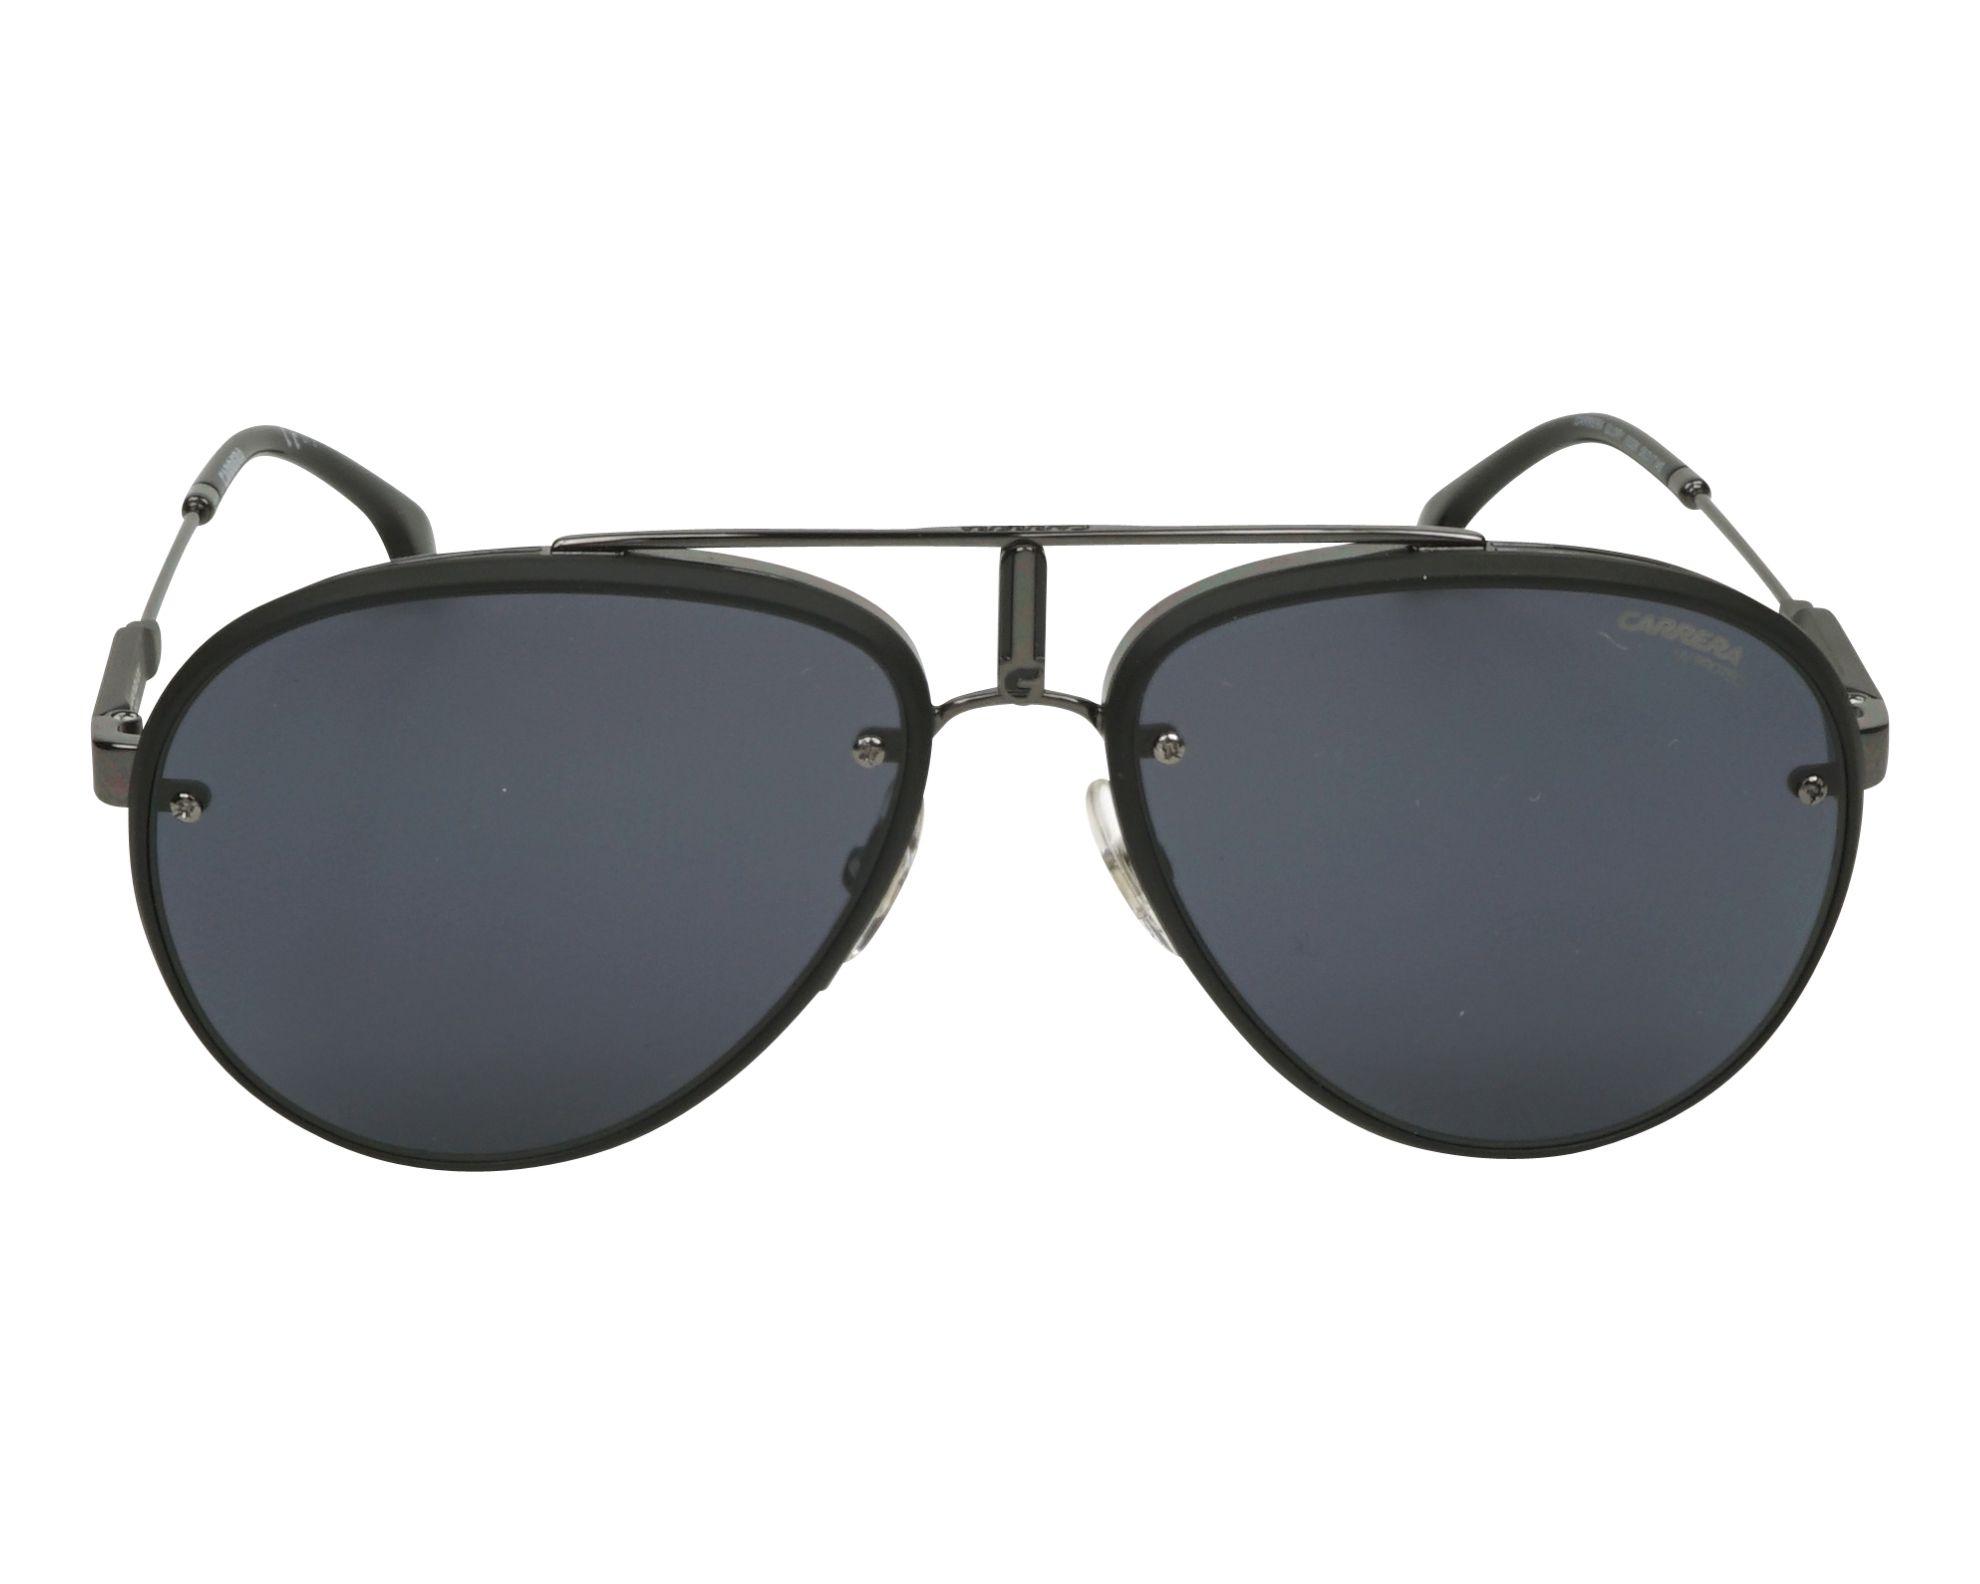 Gafas de sol Carrera GLORY 003 2K 58-17 Negra Gun vista de frente 22041e19df